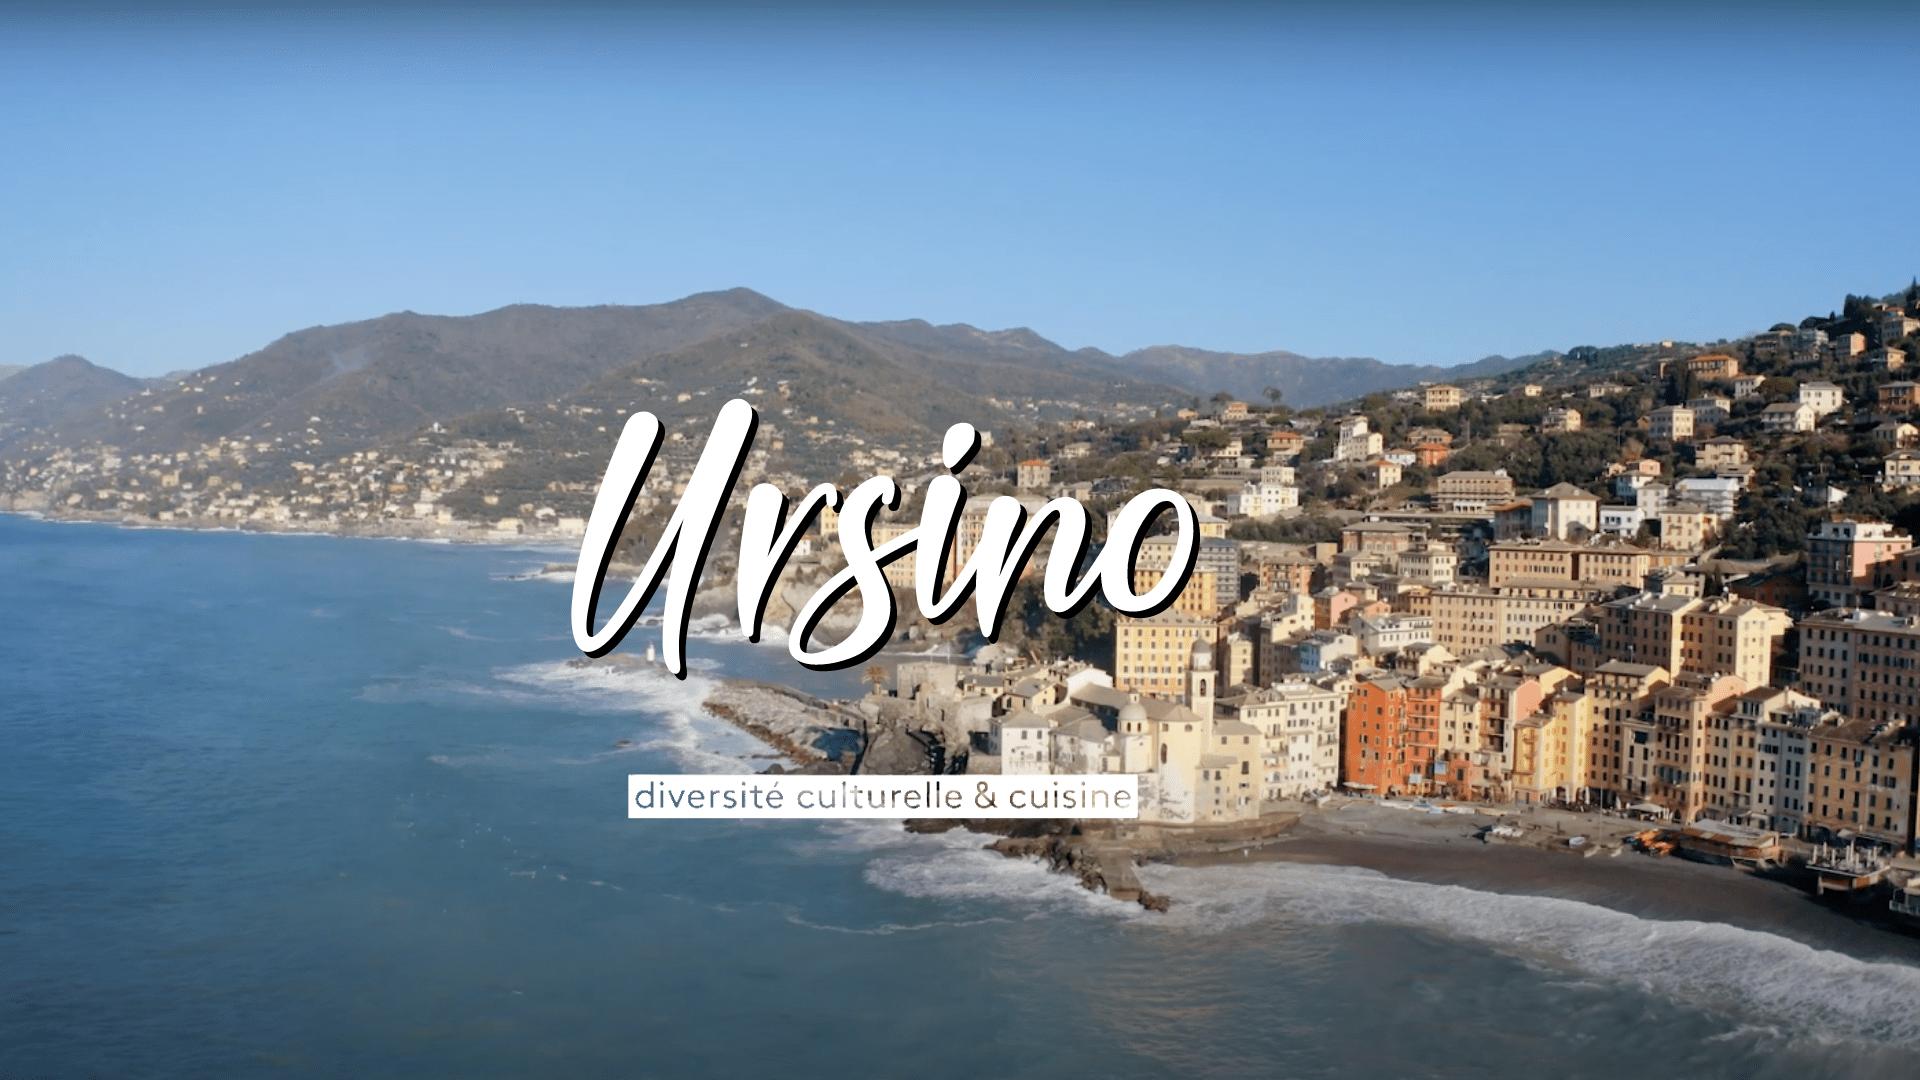 Ursino à Gênes - Italie